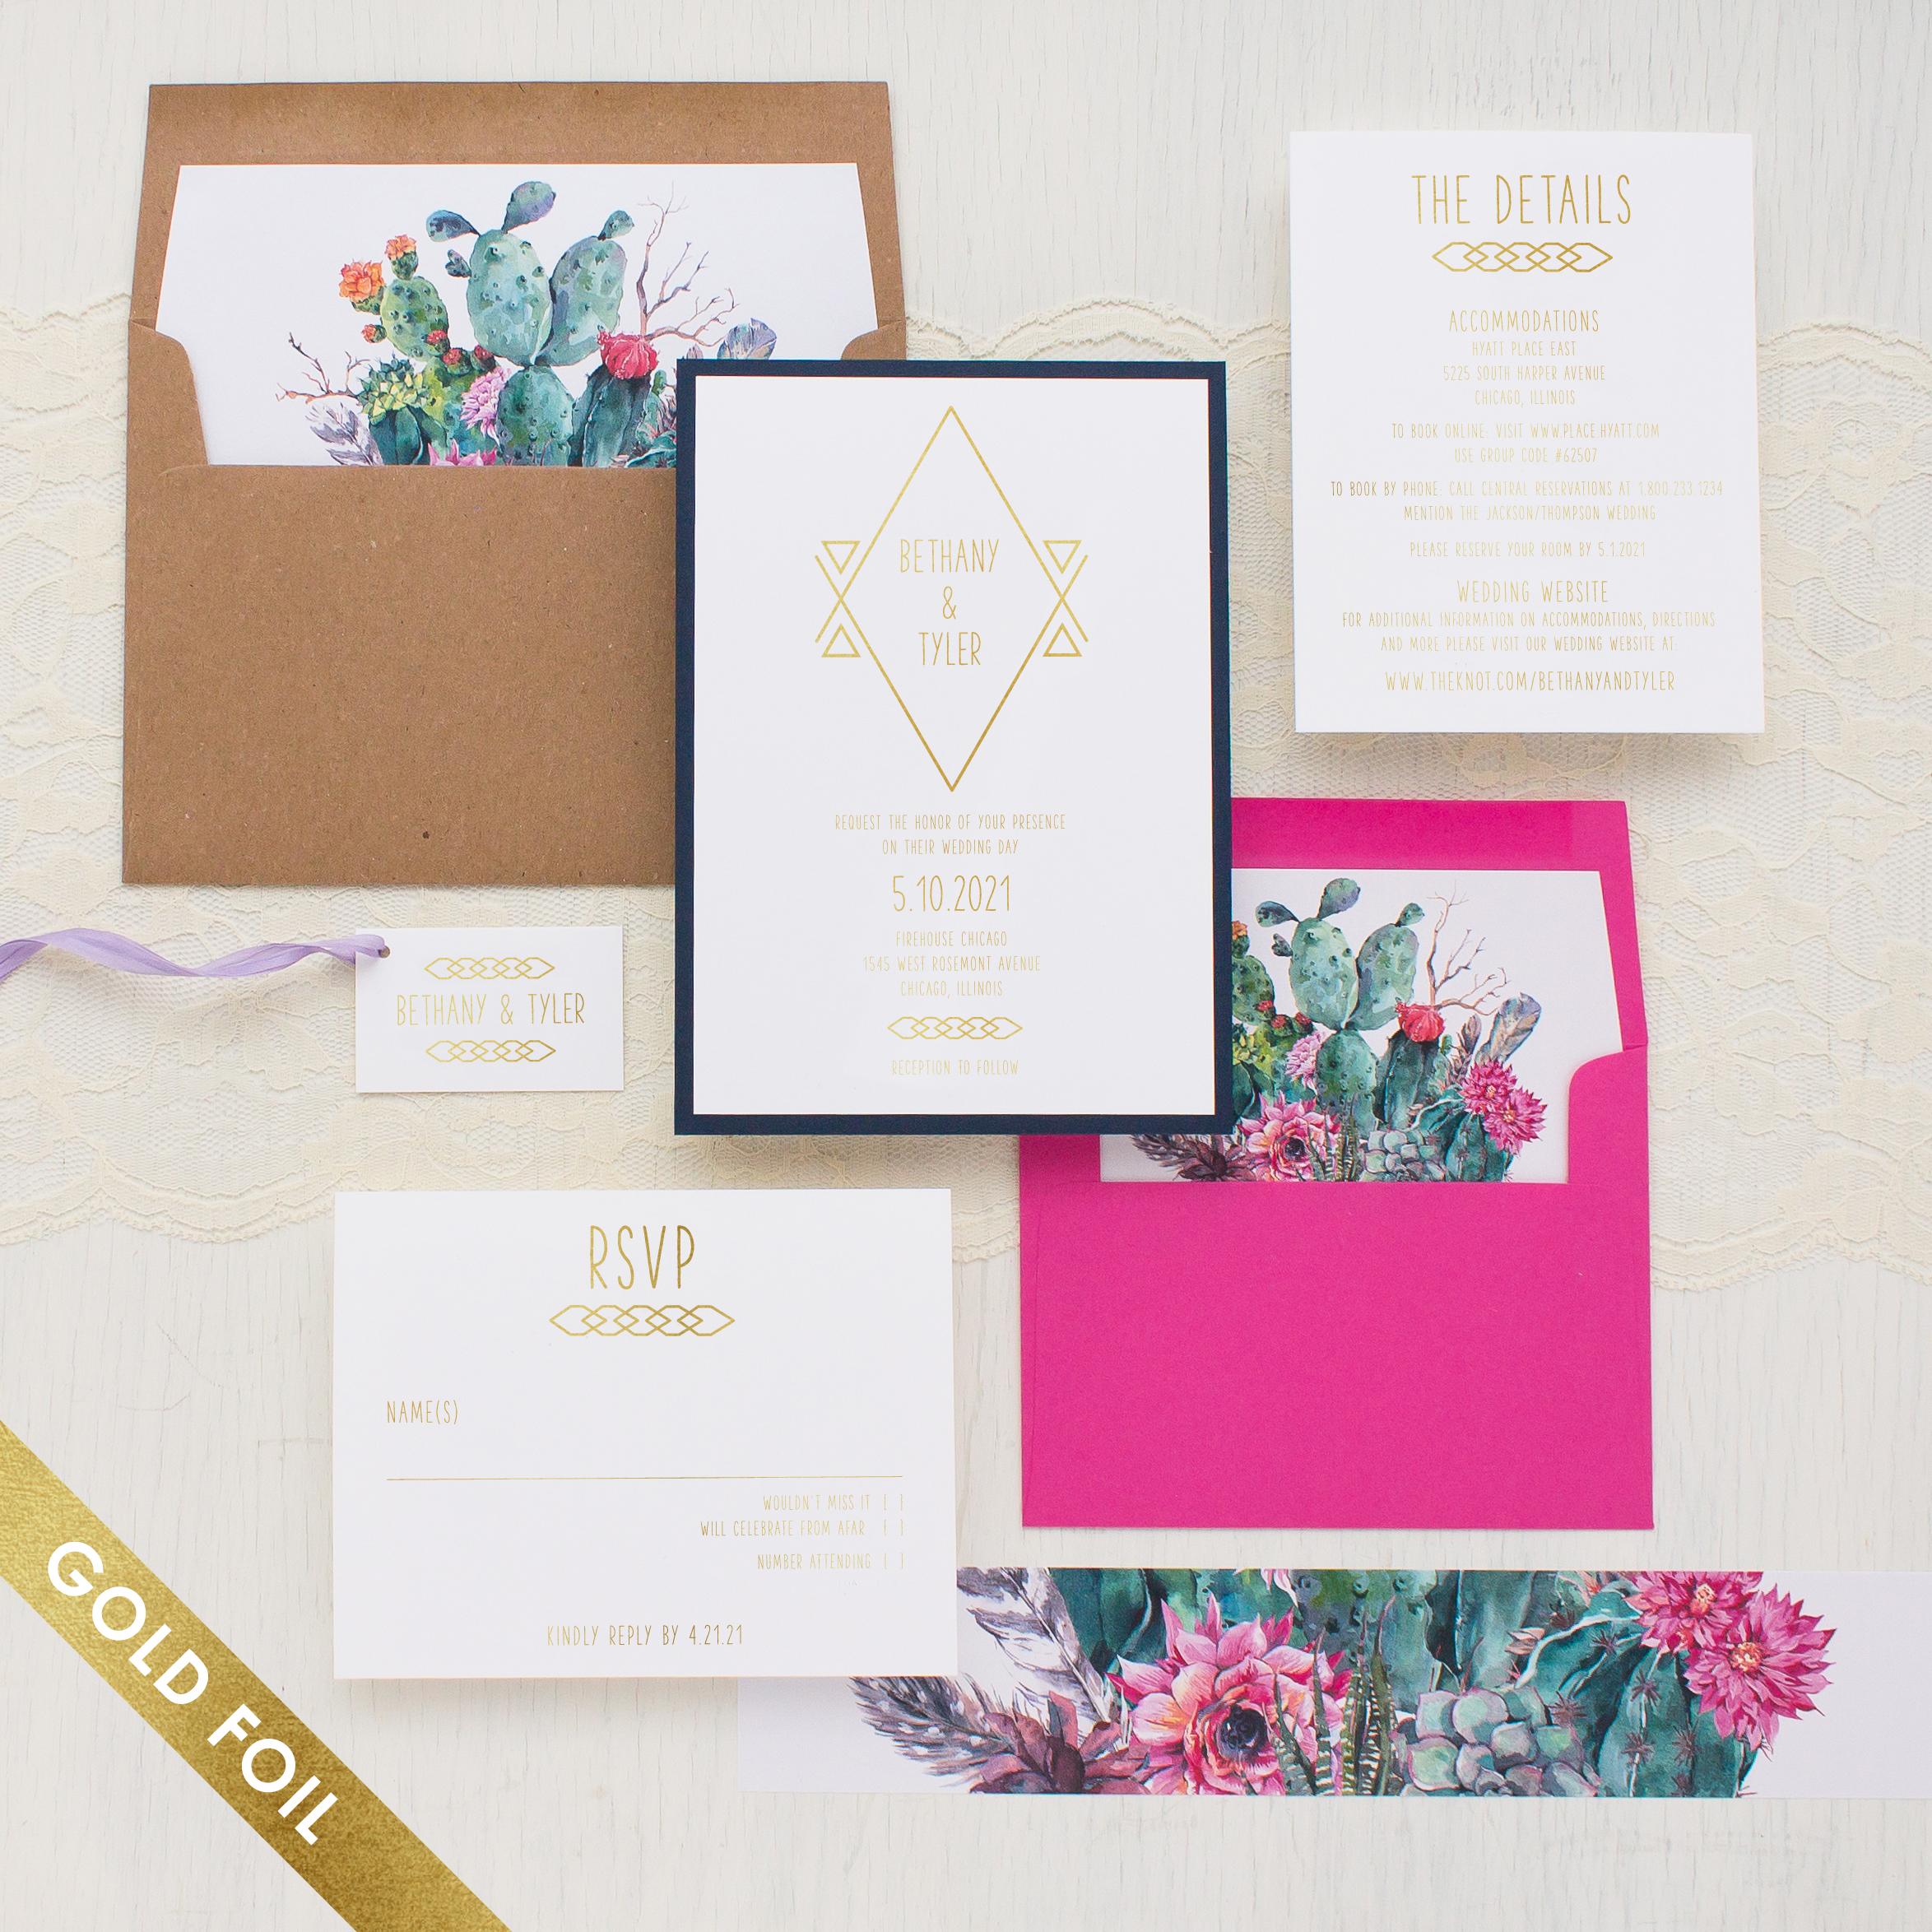 Desert Blooms #2 Gold Foil Wedding Invitations | Beacon Lane